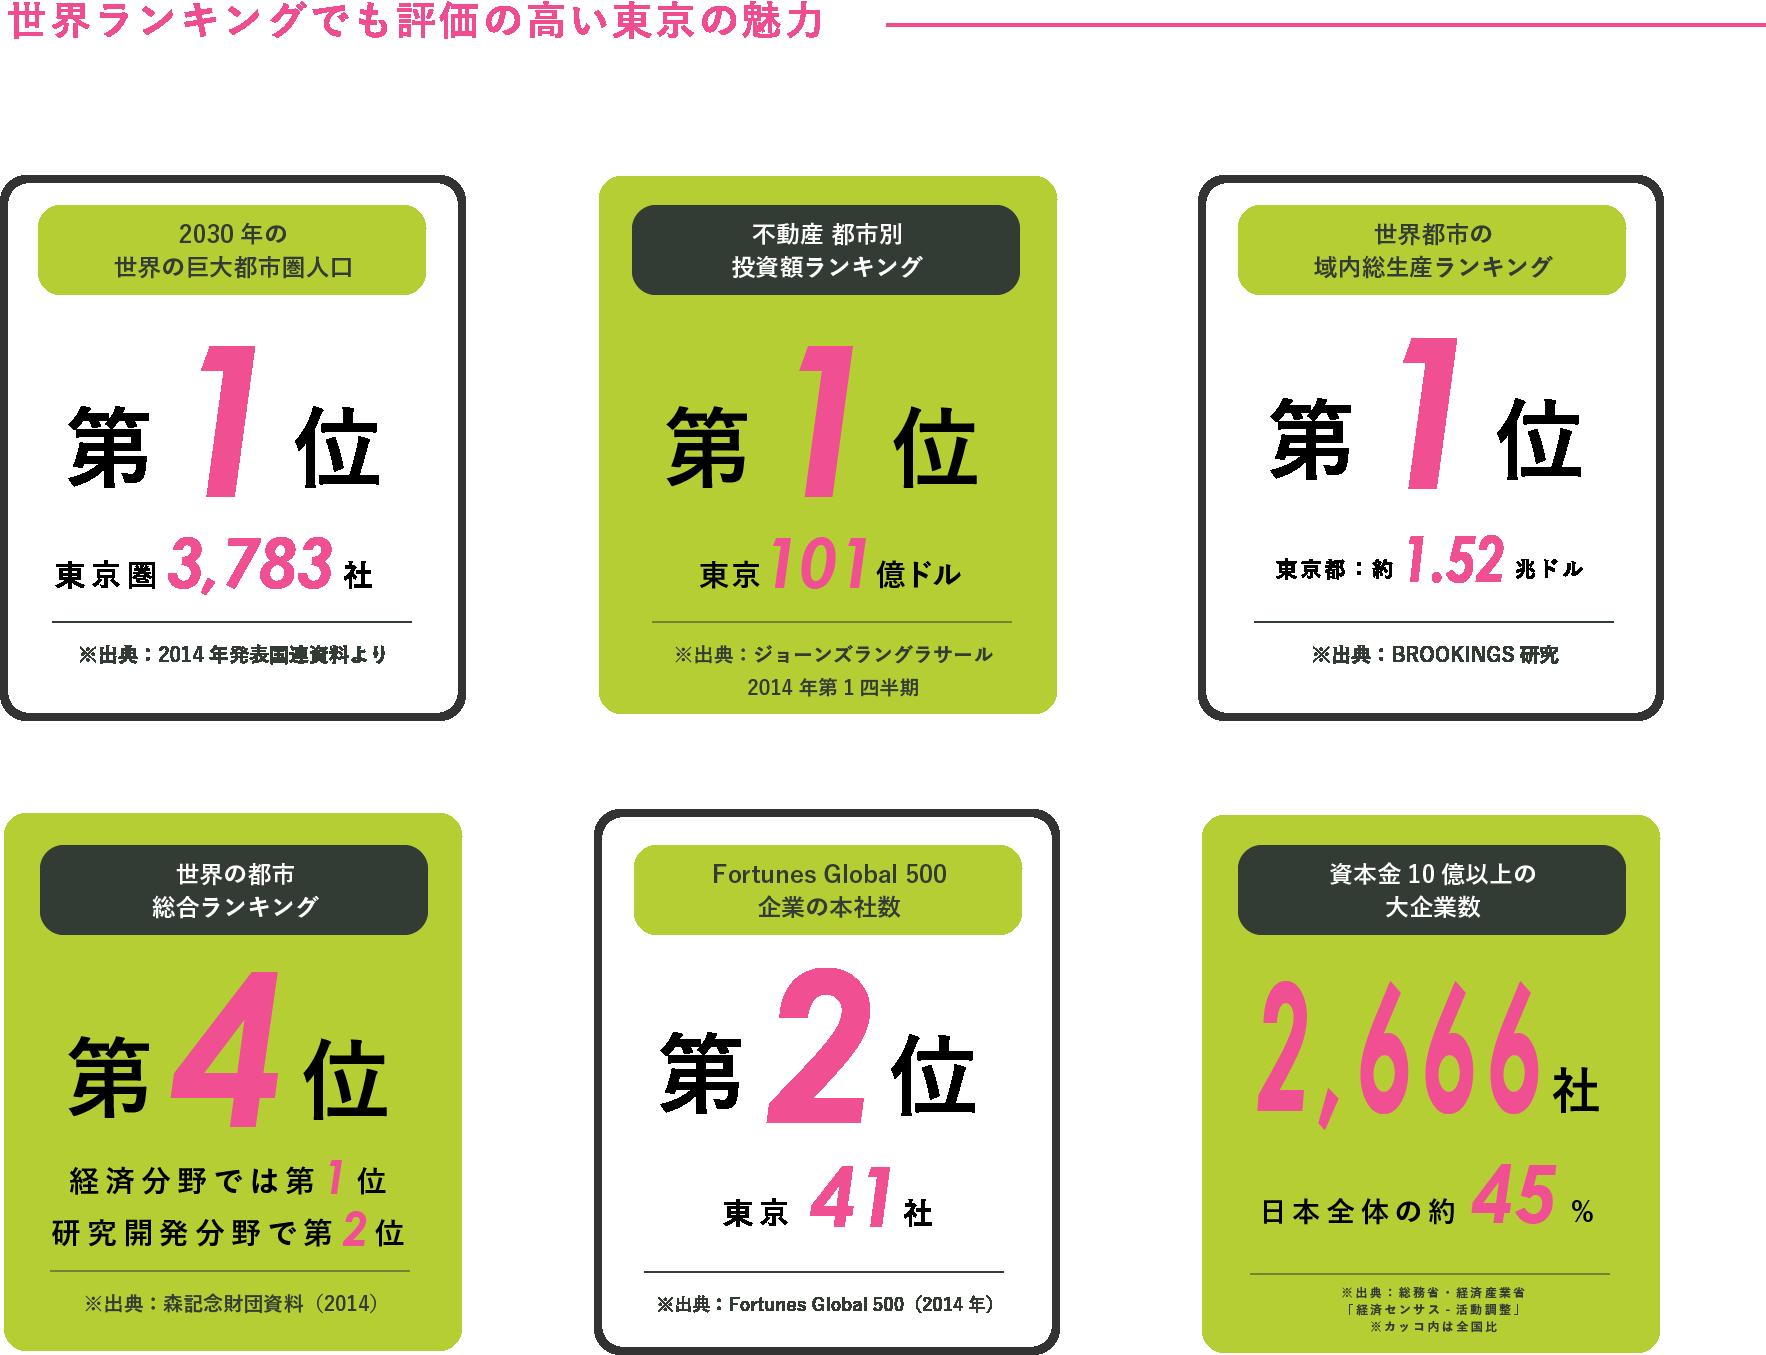 世界ランキングでも評価の高い東京の魅力